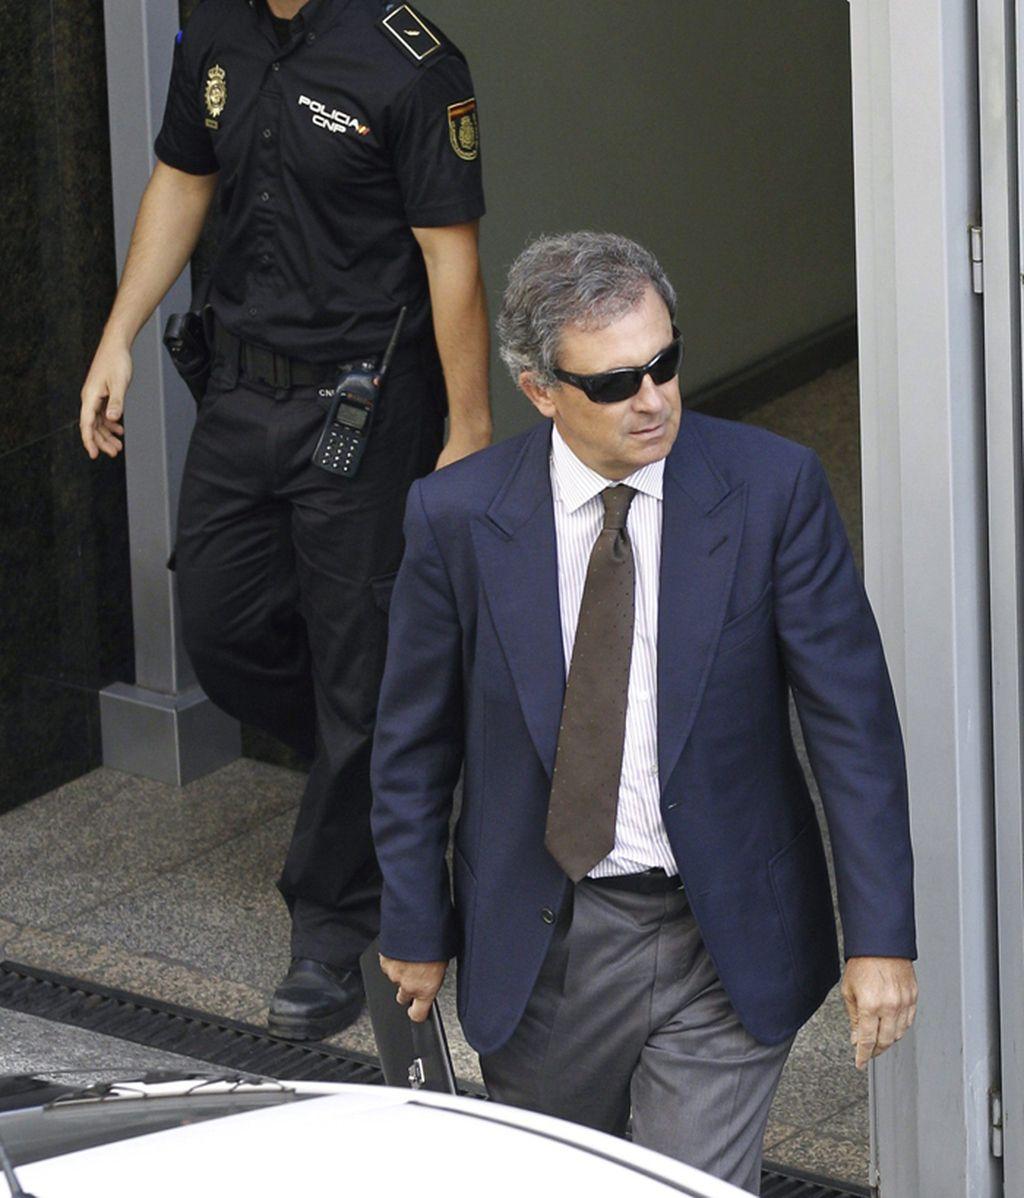 Pujol Ferrusola niega haber cobrado comisiones ilegales de la Generalitat